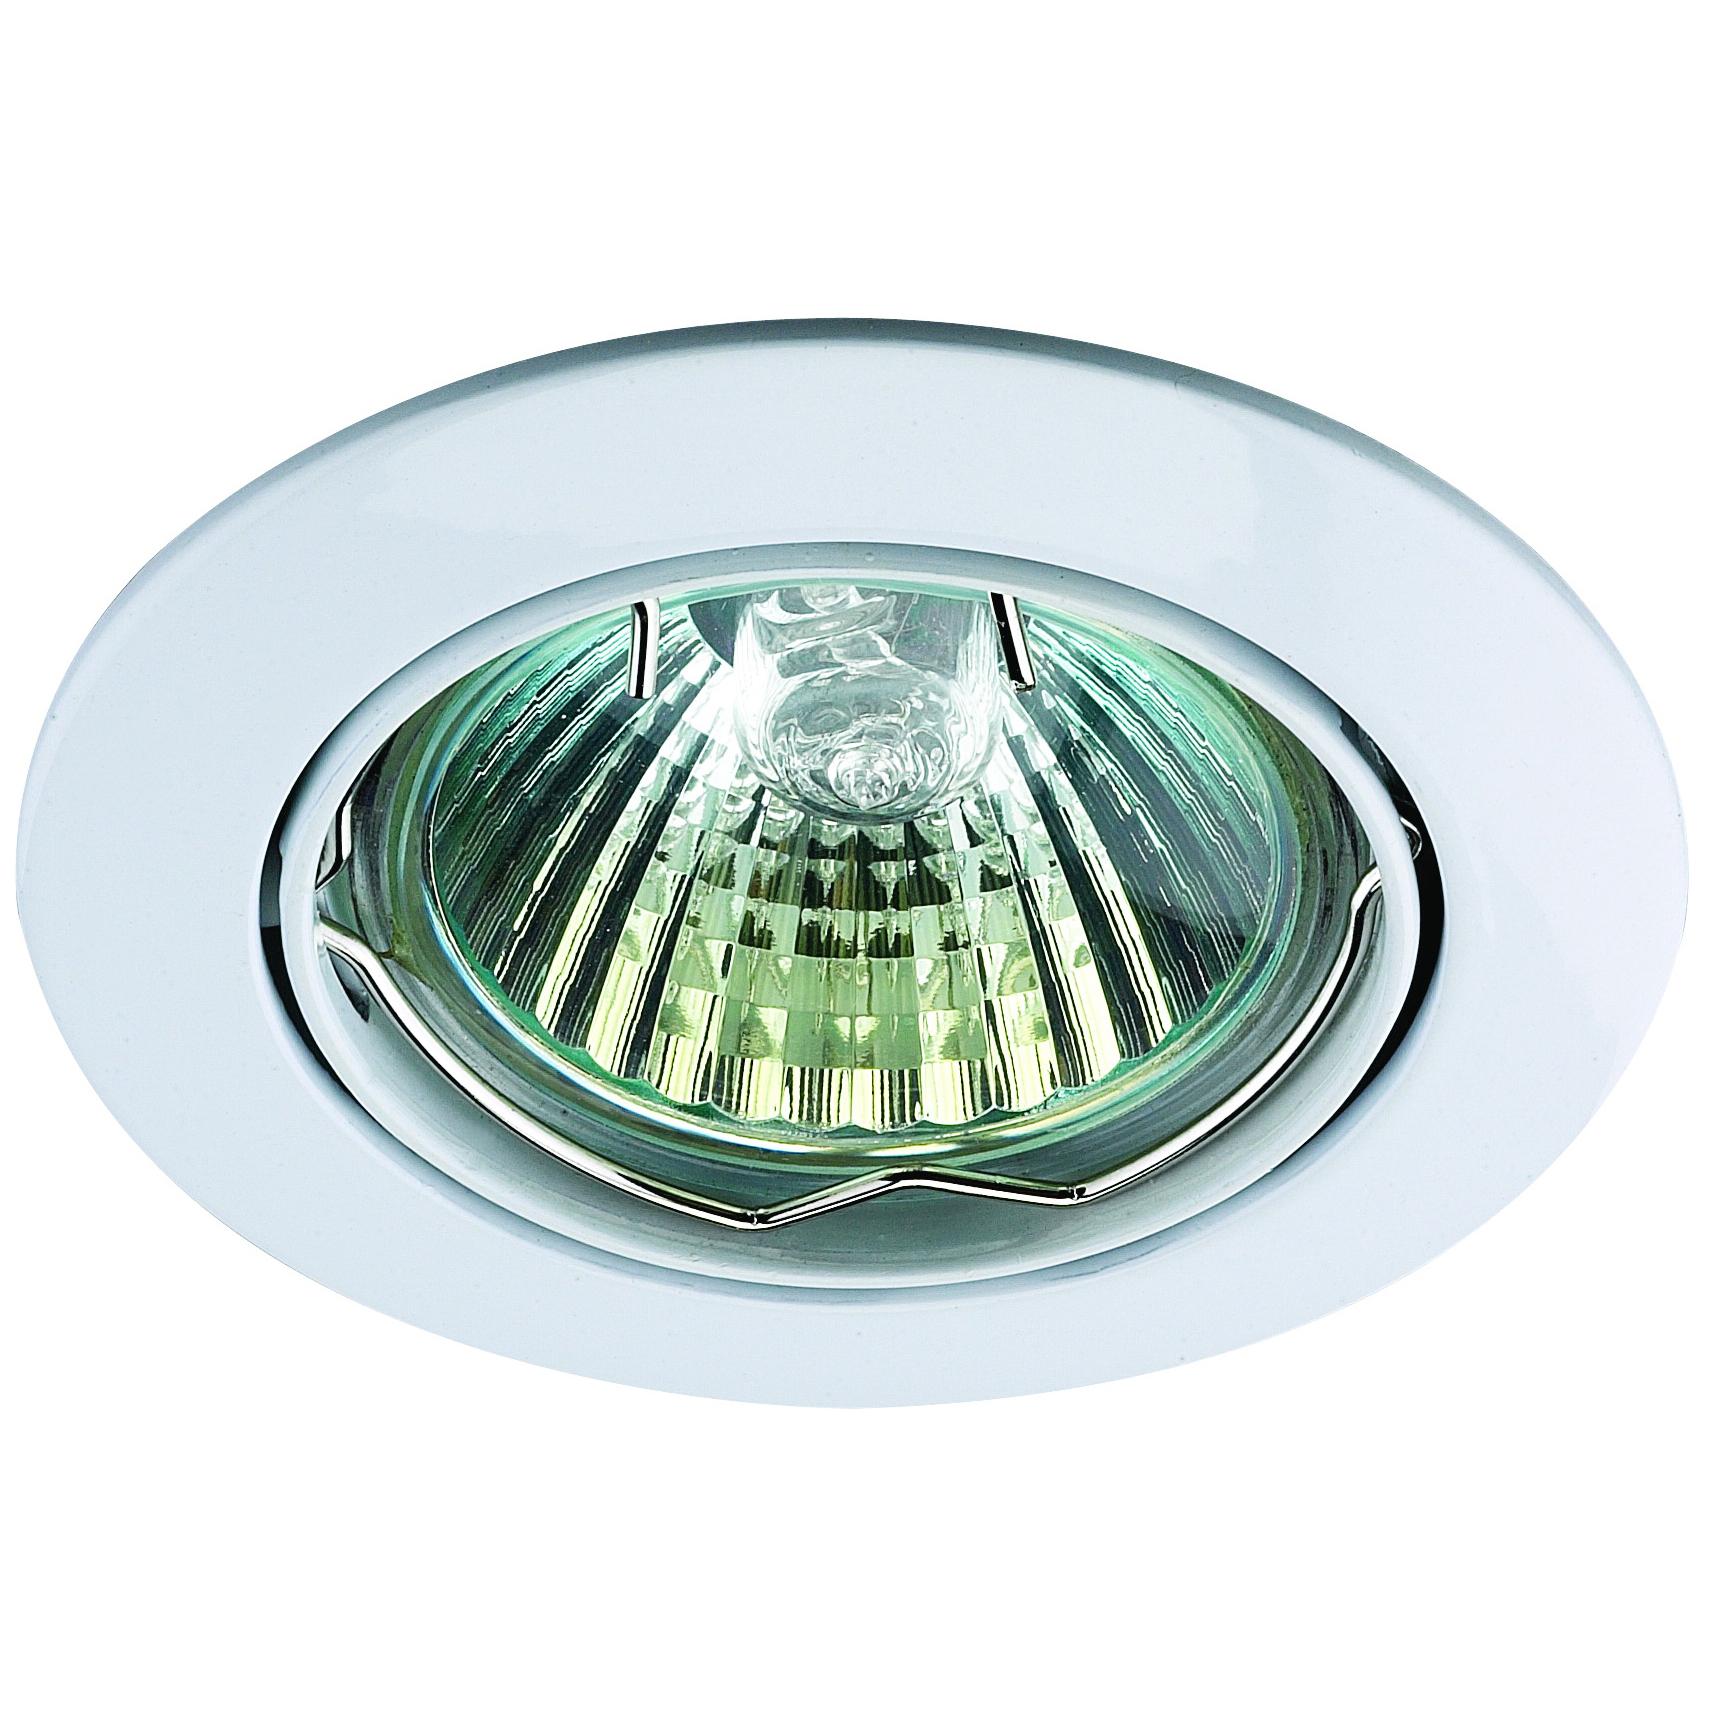 Светильник встраиваемый Novotech Crown nt09 152 369100